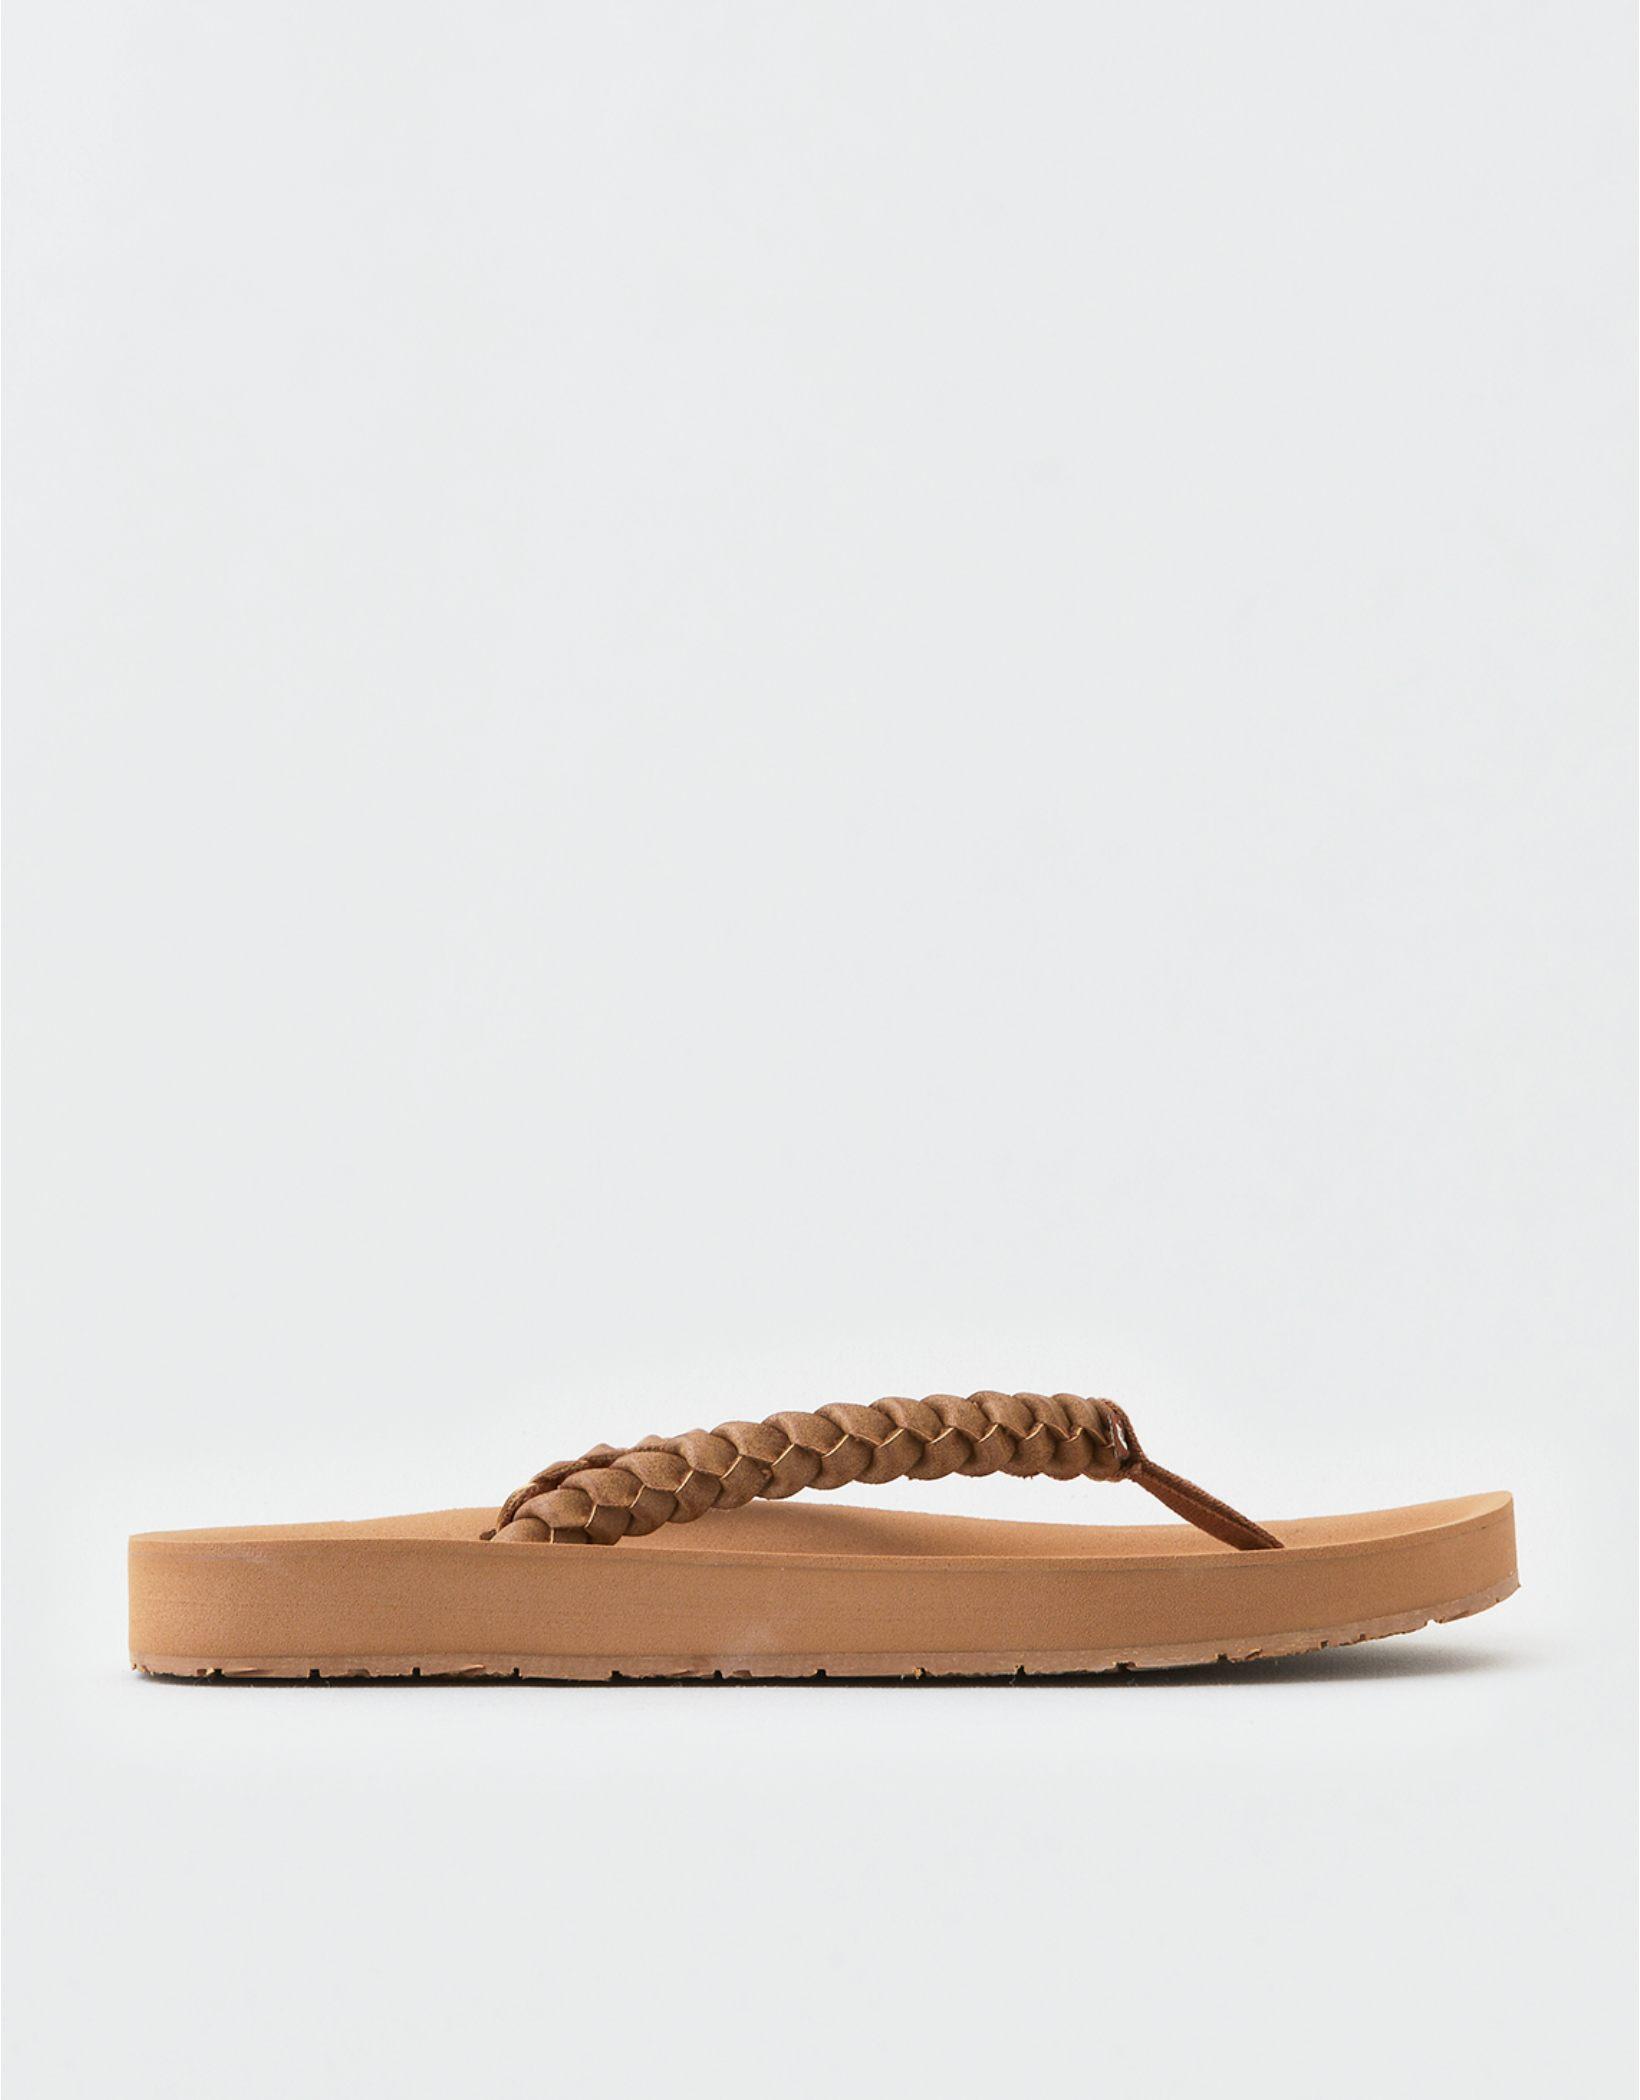 Minnetonka Hallie Sandal